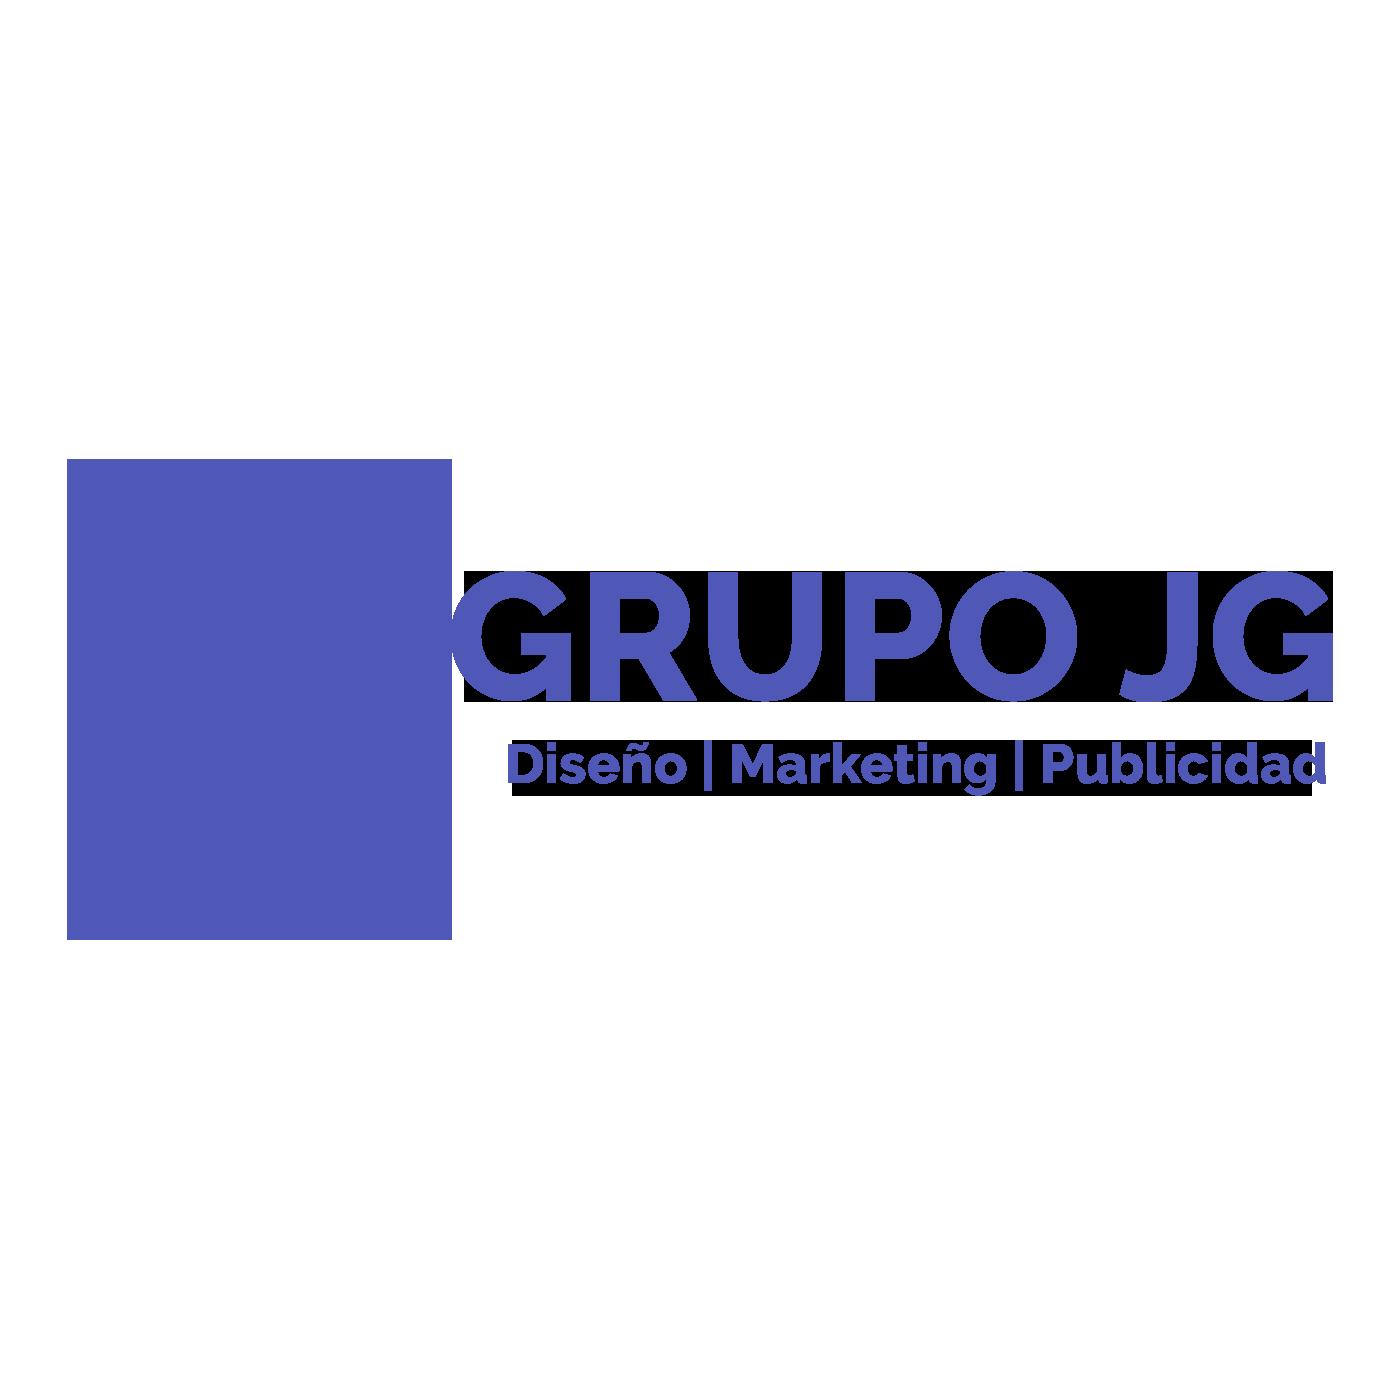 Grupo JG